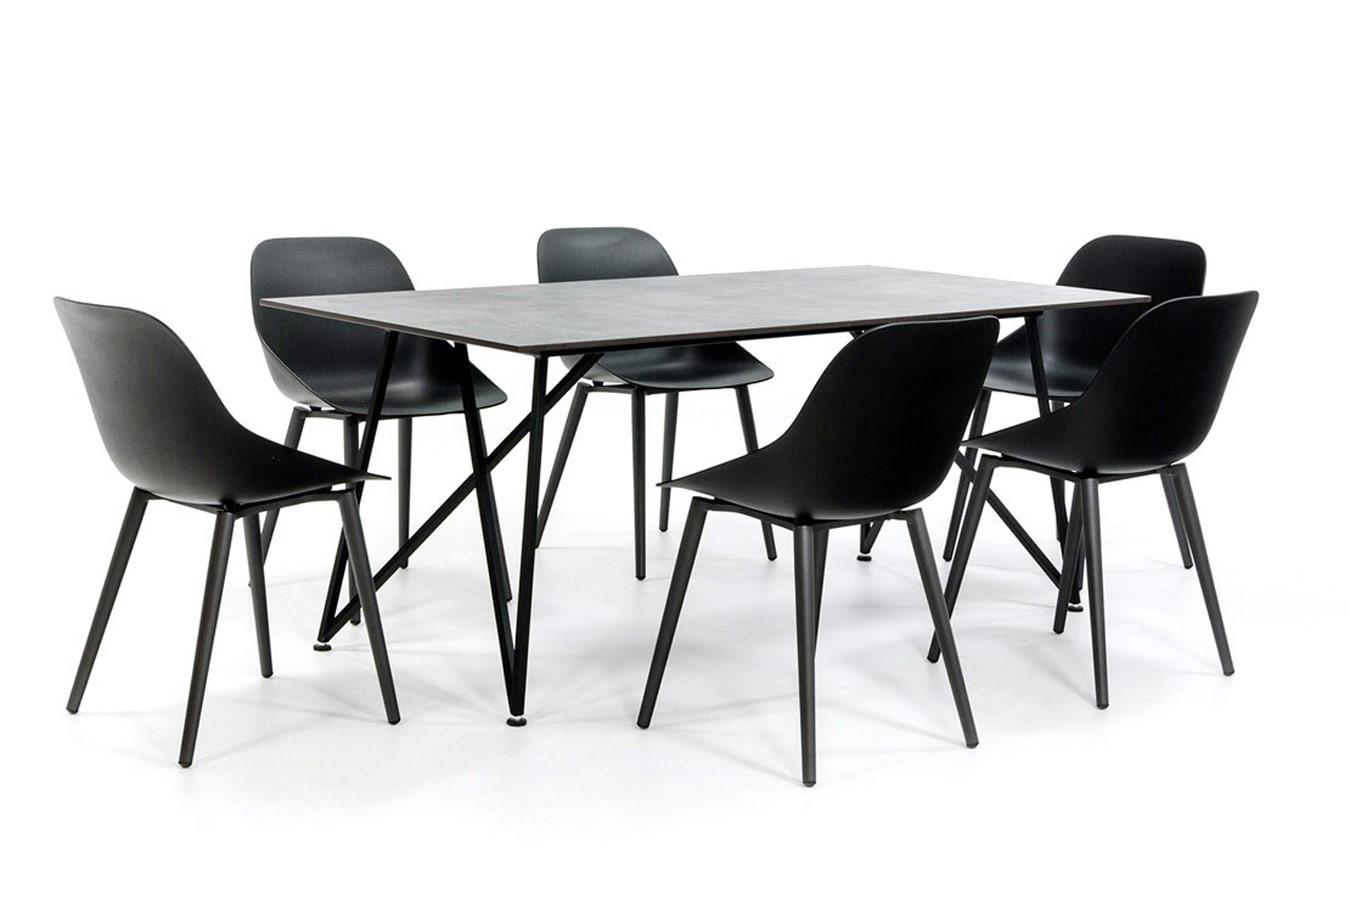 Dekton Tisch mit skandinavischem Design